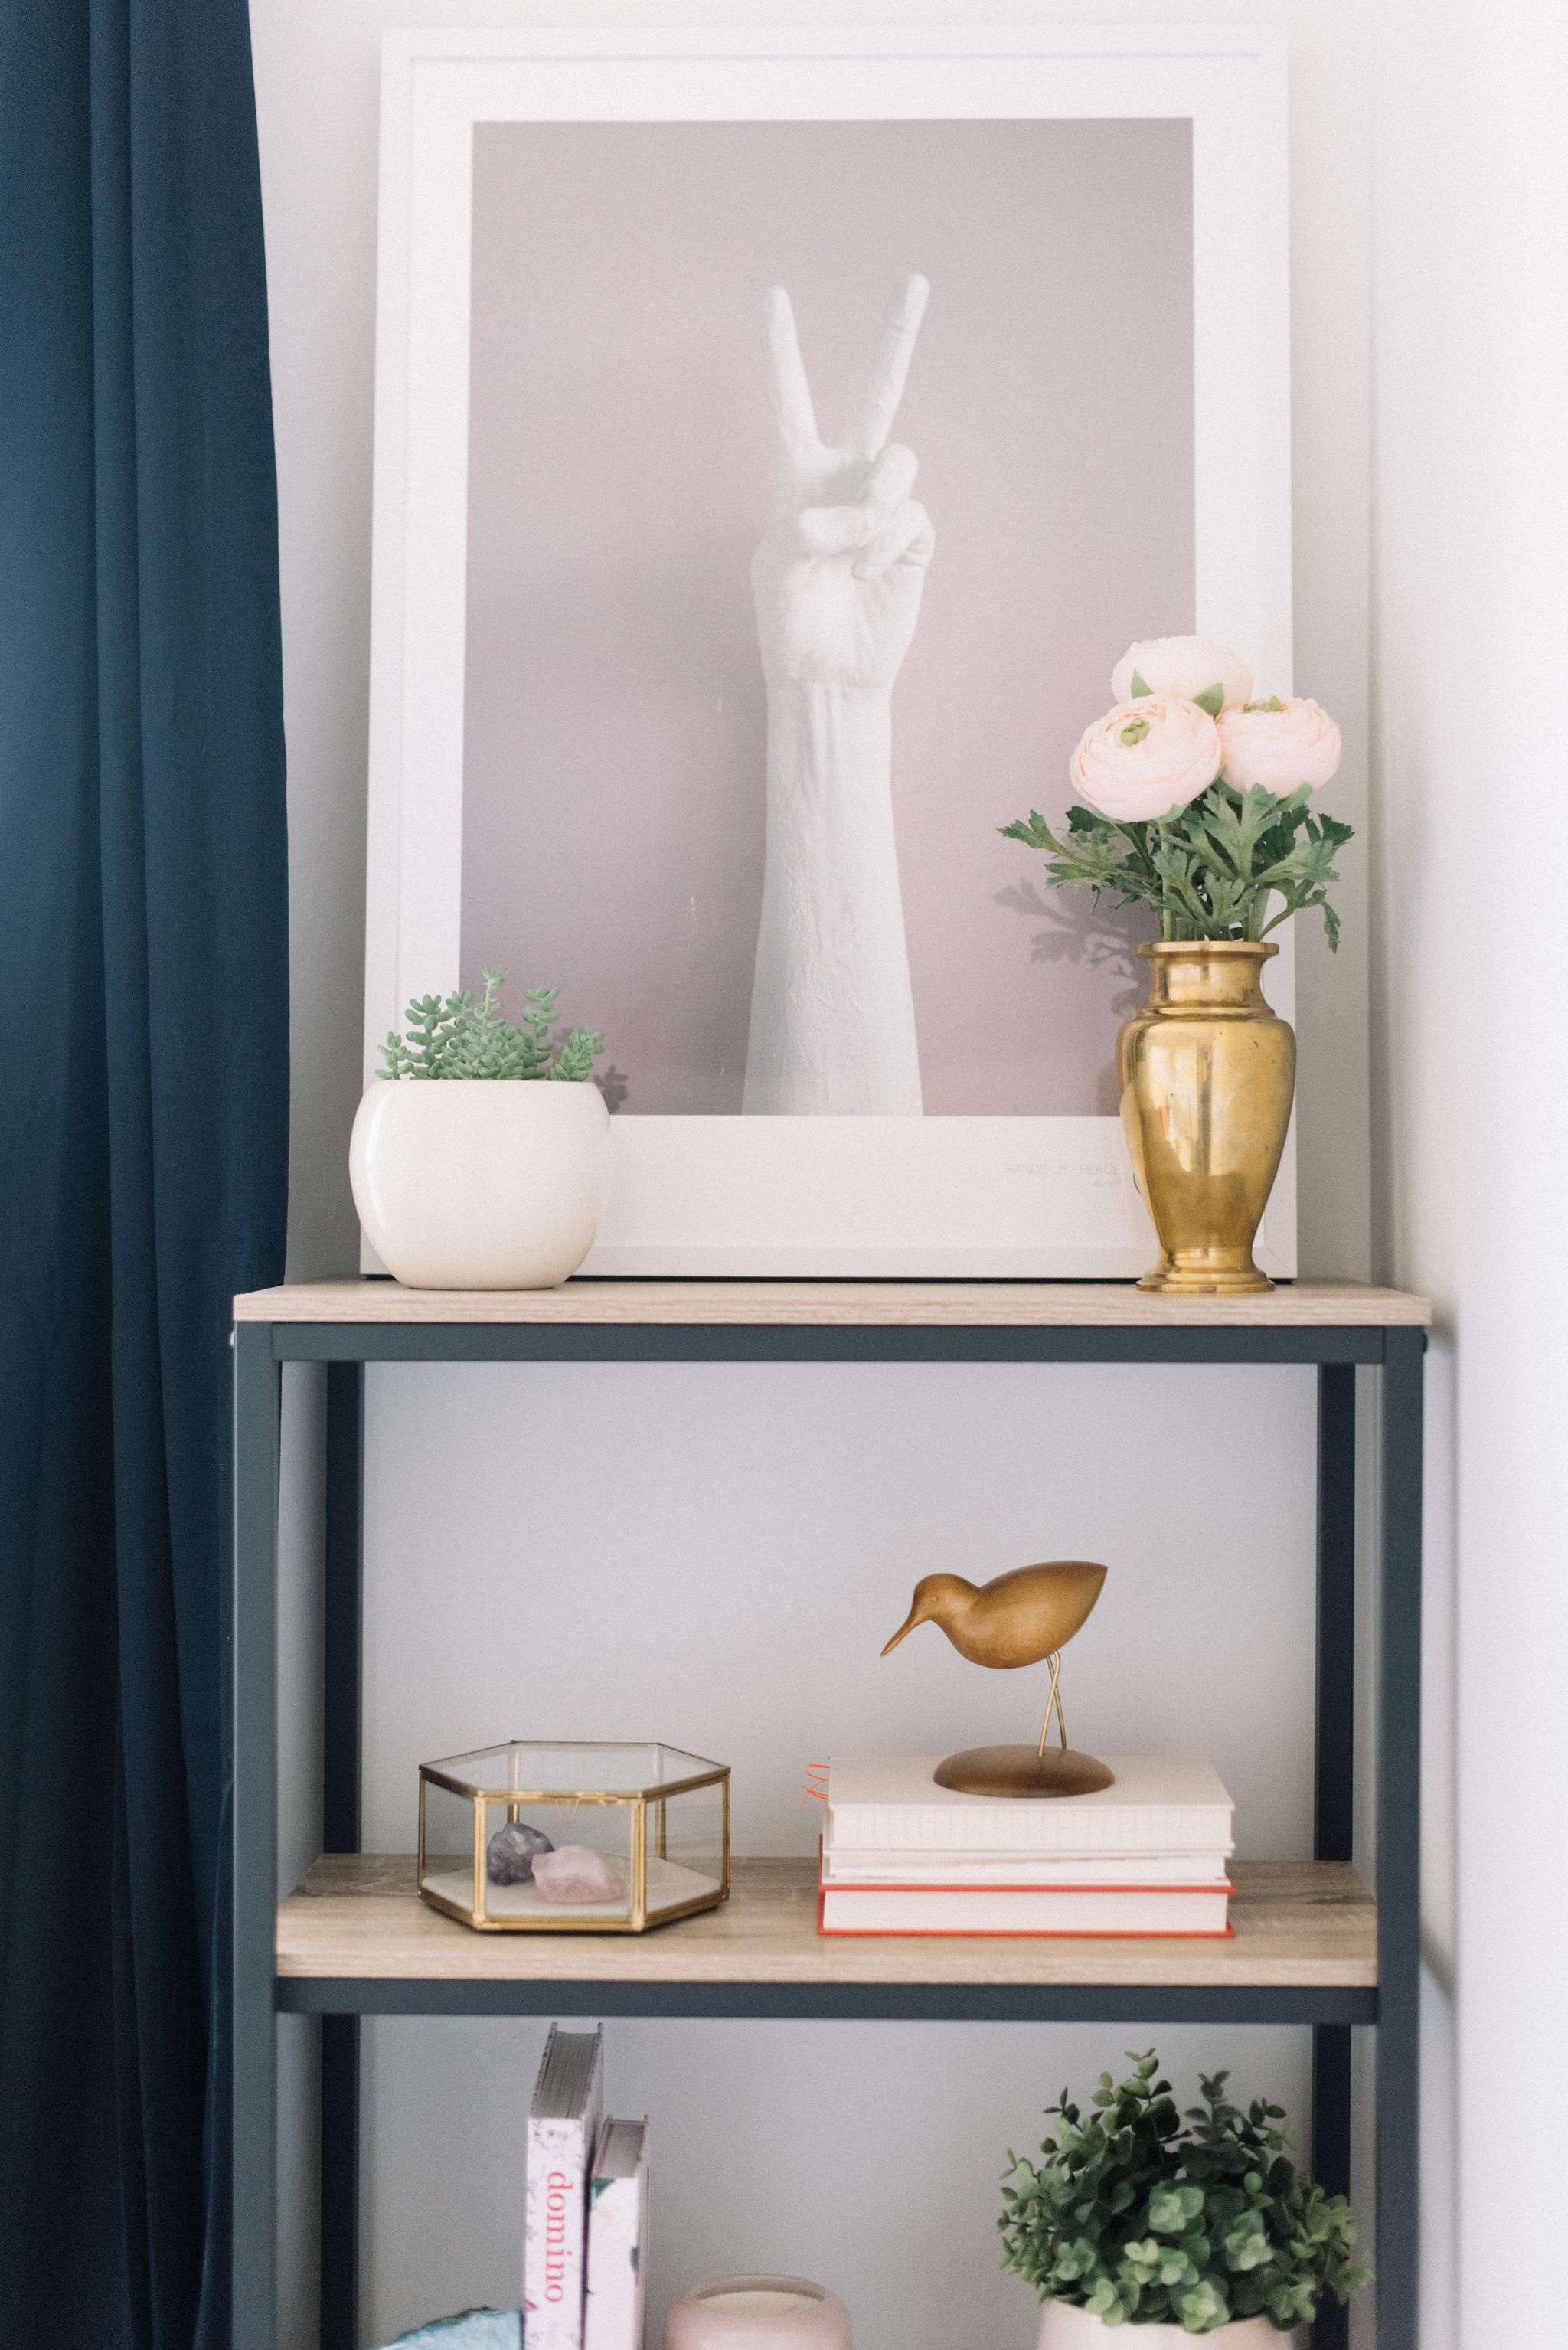 feminine modern office, shelfie styling